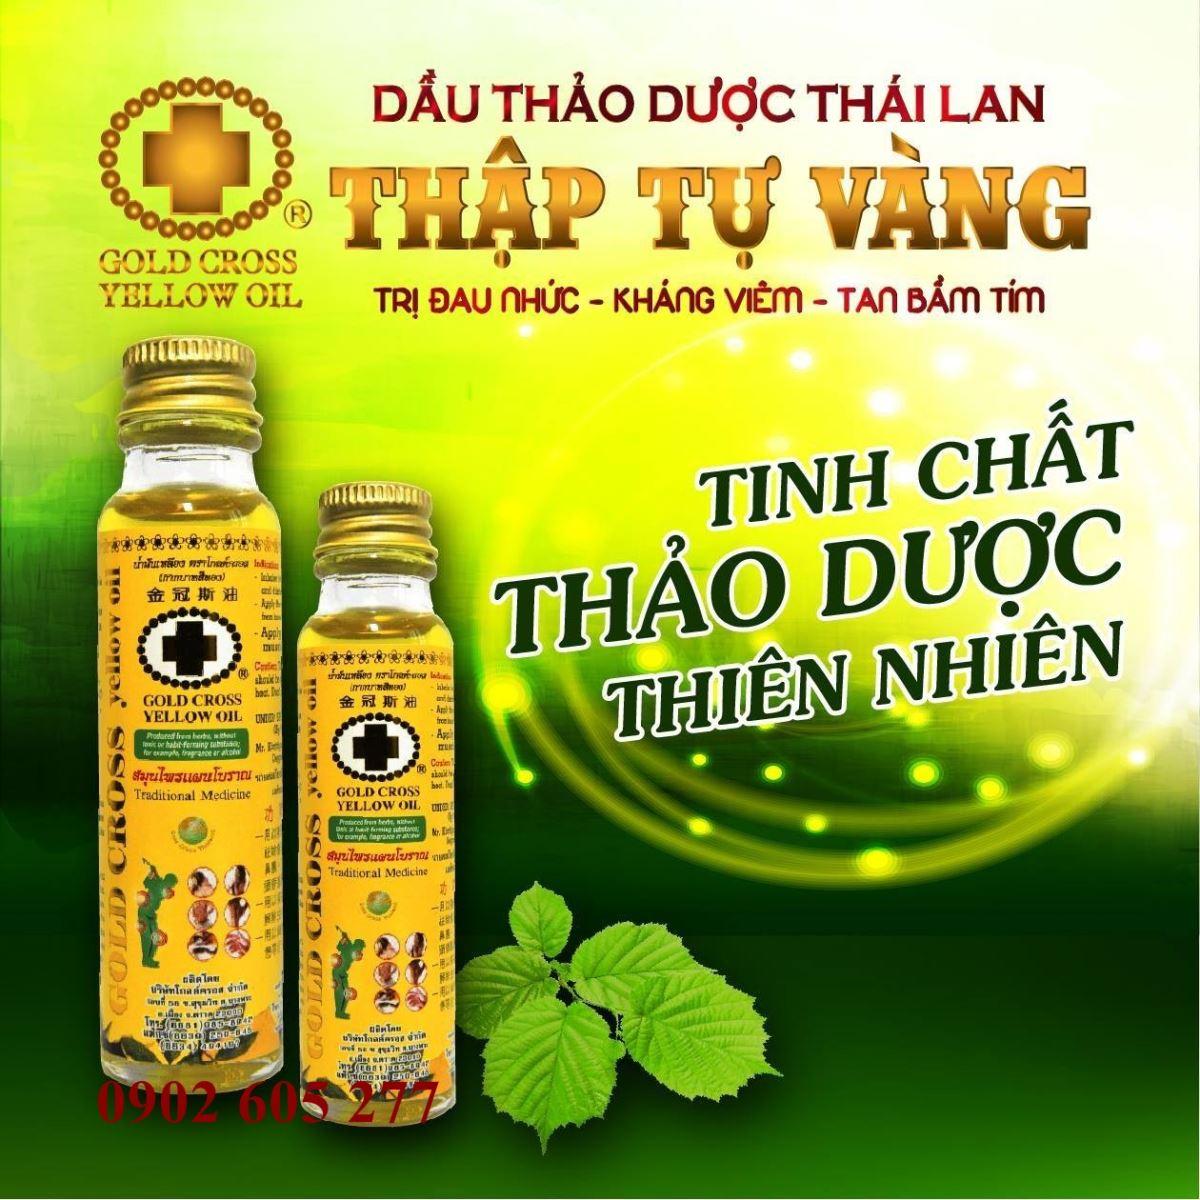 Phân phối Dầu xoa bóp thập tự vàng Thái Lan tại Lai Châu